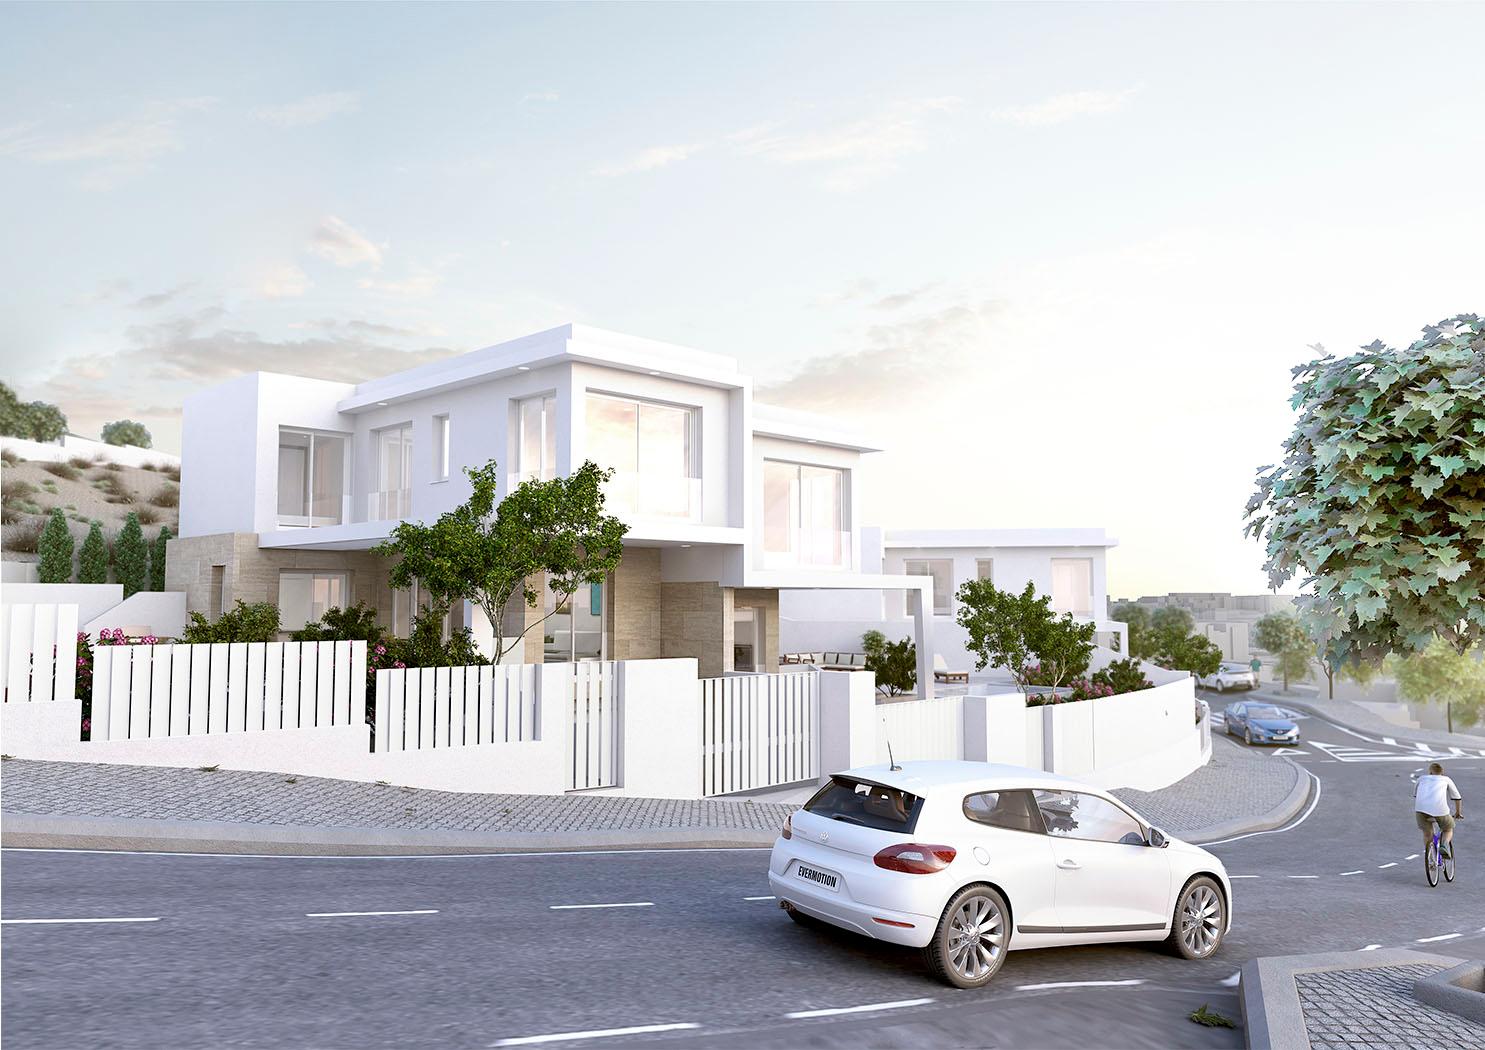 http://syga.es/wp-content/uploads/ADELBA-SYGA-ARCHITECTURE-6-1-2.jpg